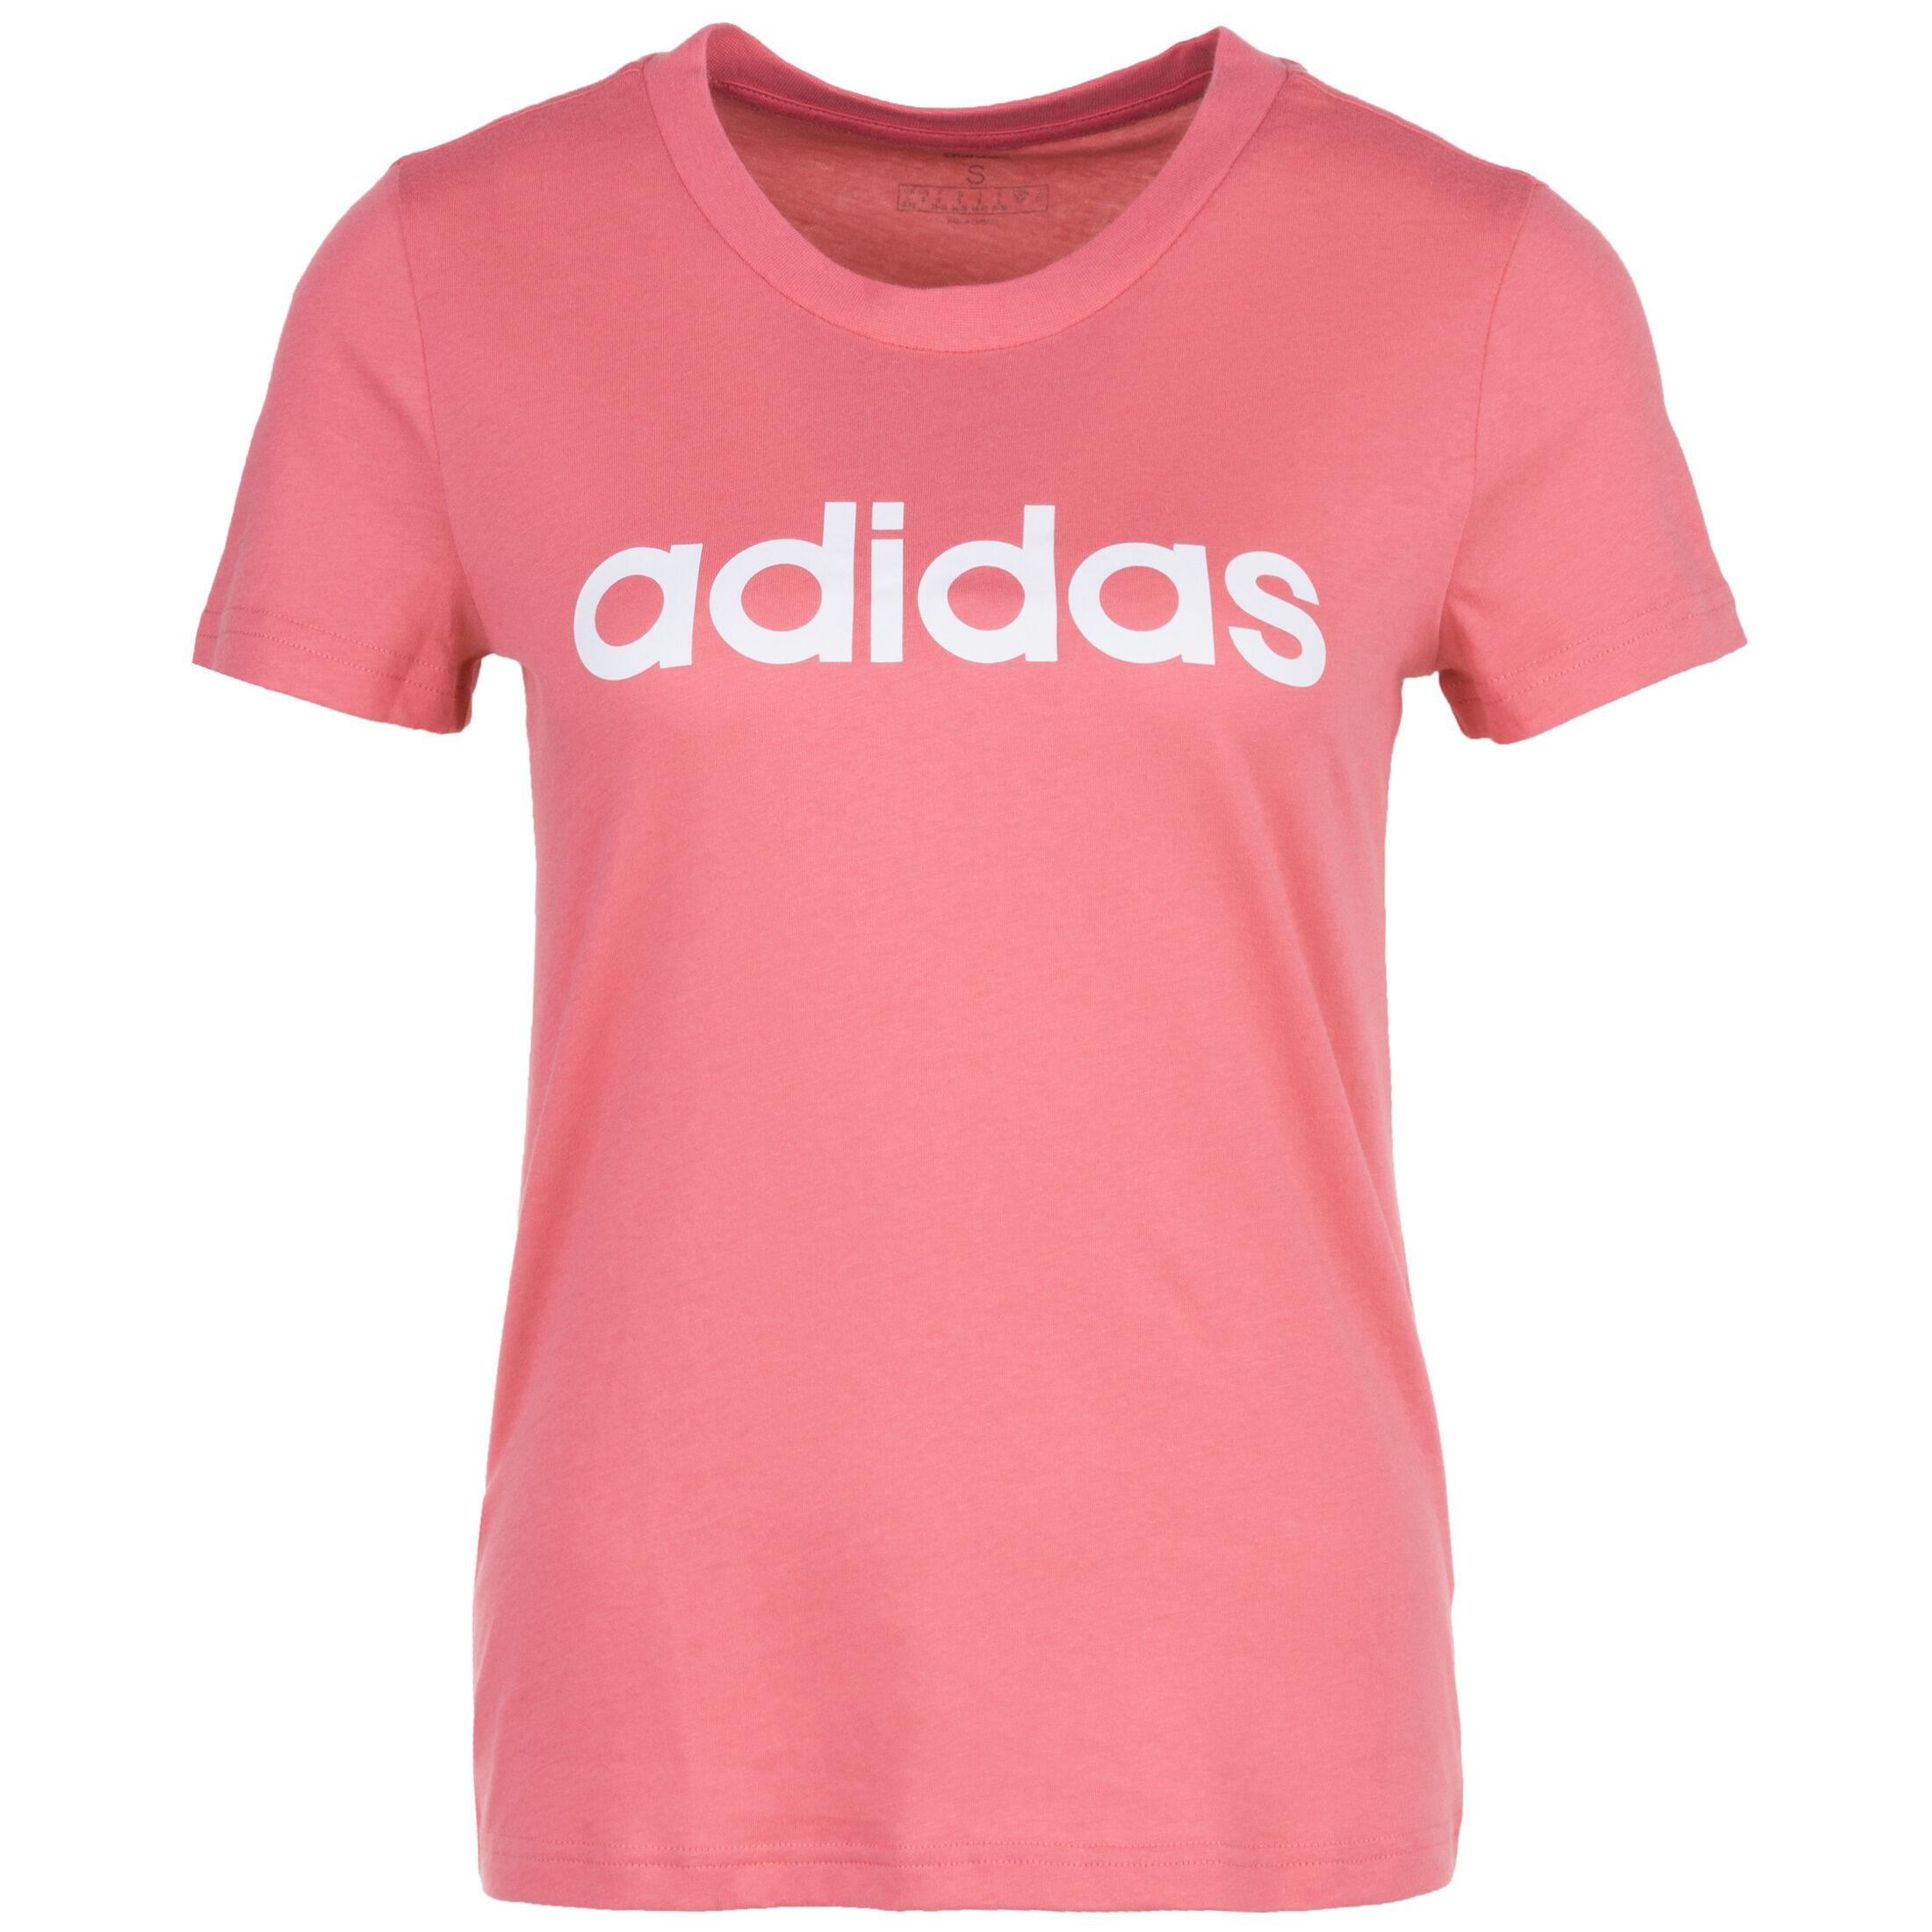 adidas Essentials Lineal Slim T Shirt Damen bei OUTFITTER